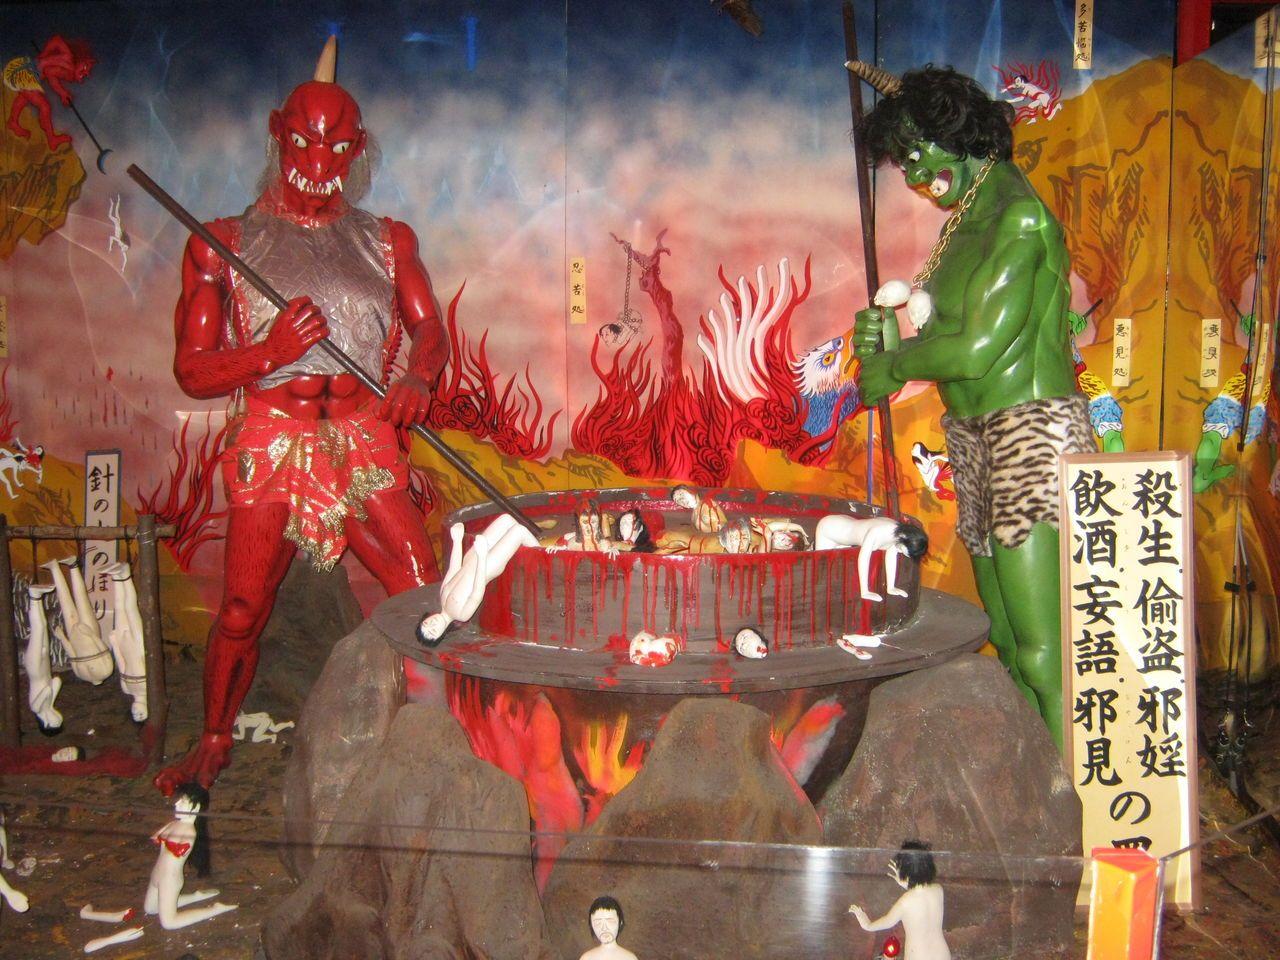 家族経営の地獄テーマパーク「伊豆極楽苑」